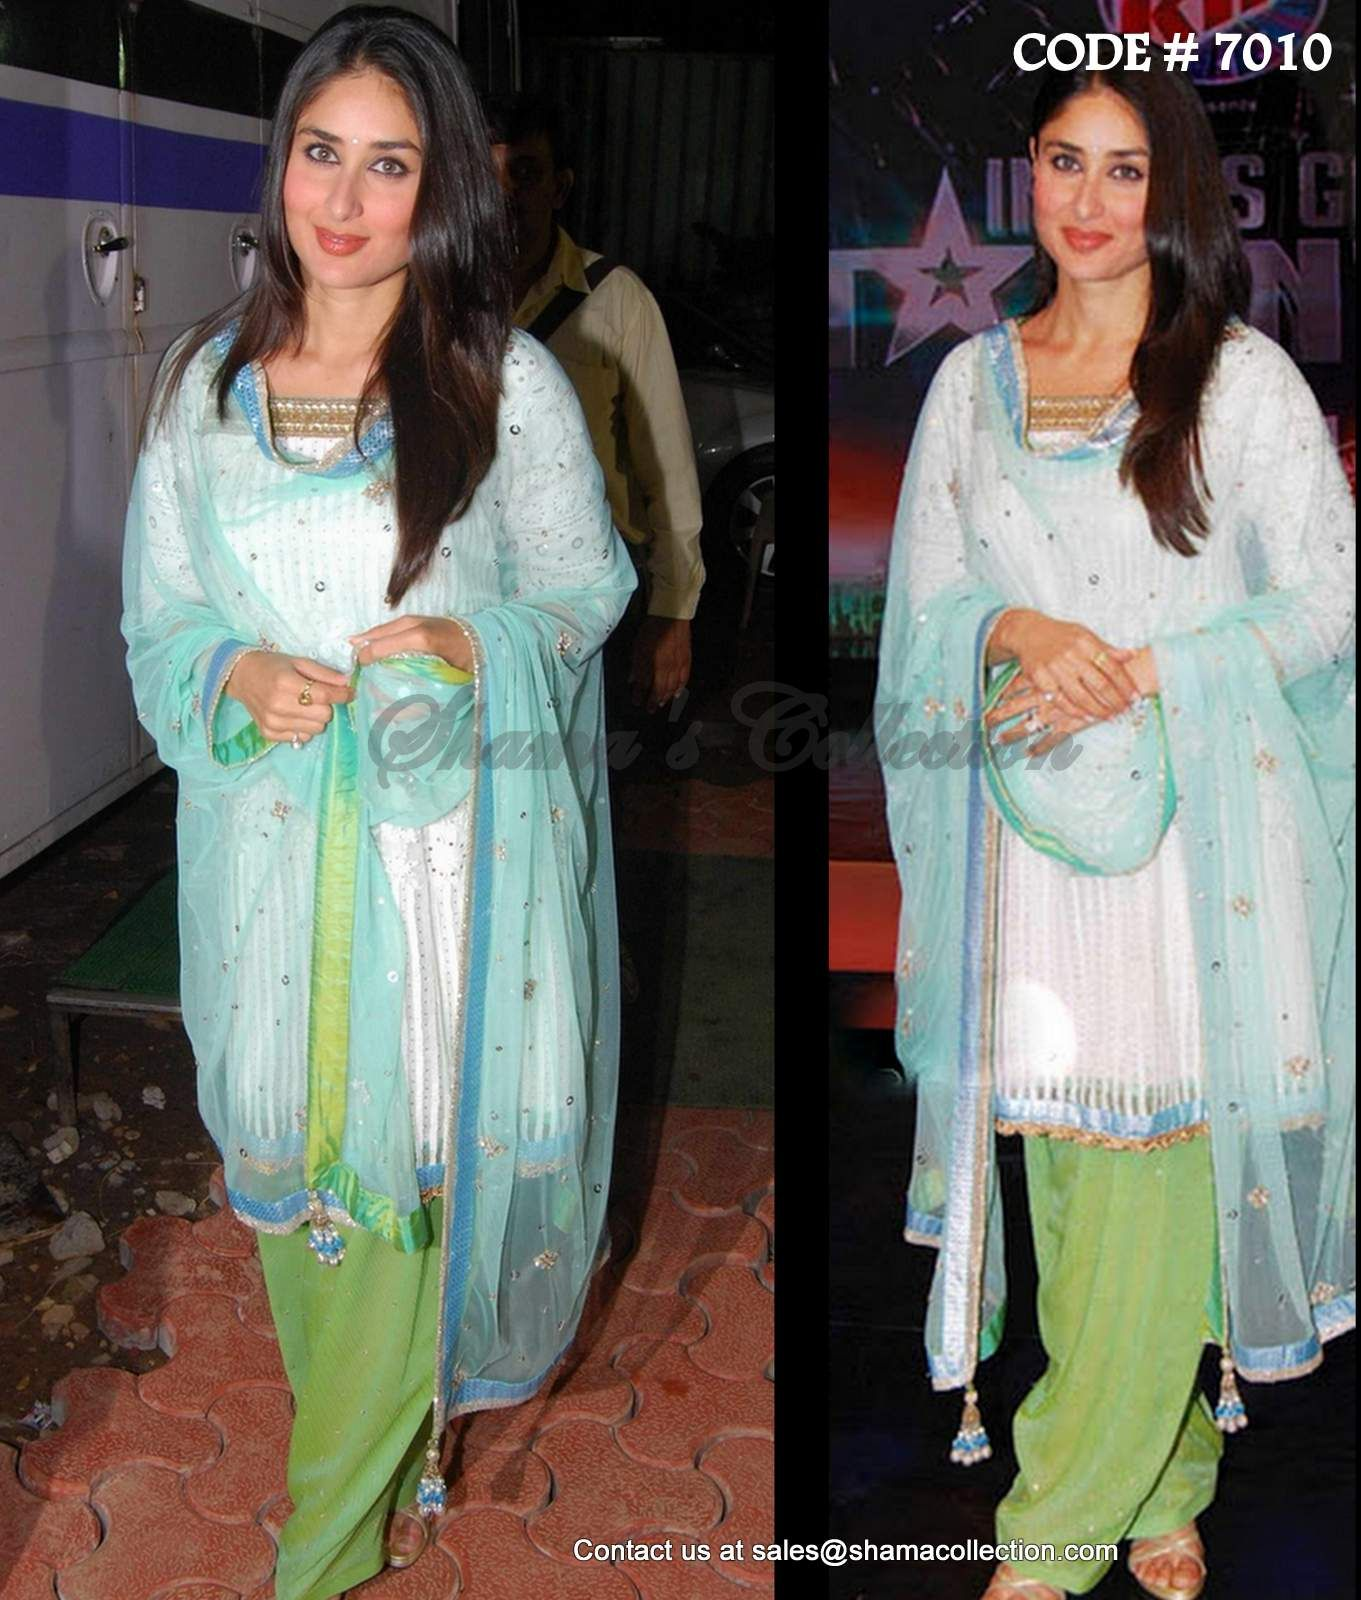 7010 Kareena Kapoor khan in multi color patiala suit - Shama\'s ...